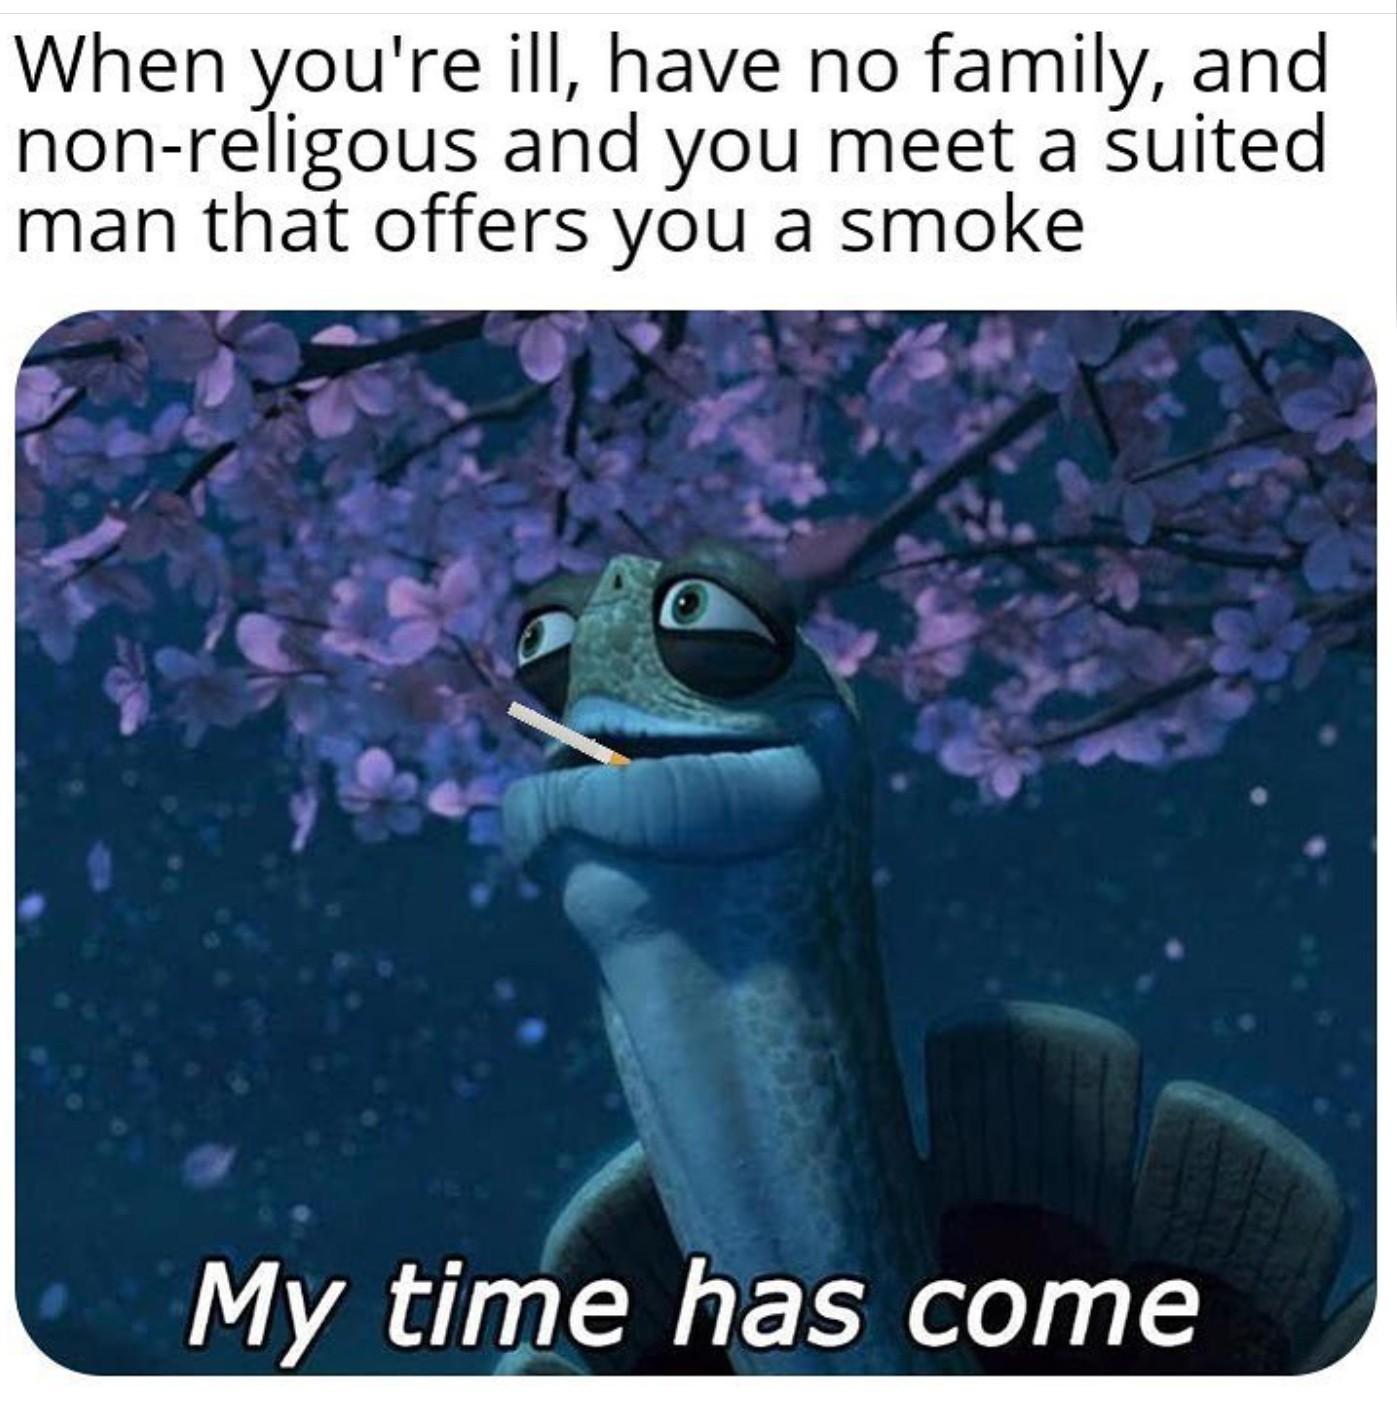 He [REDACTED] - meme